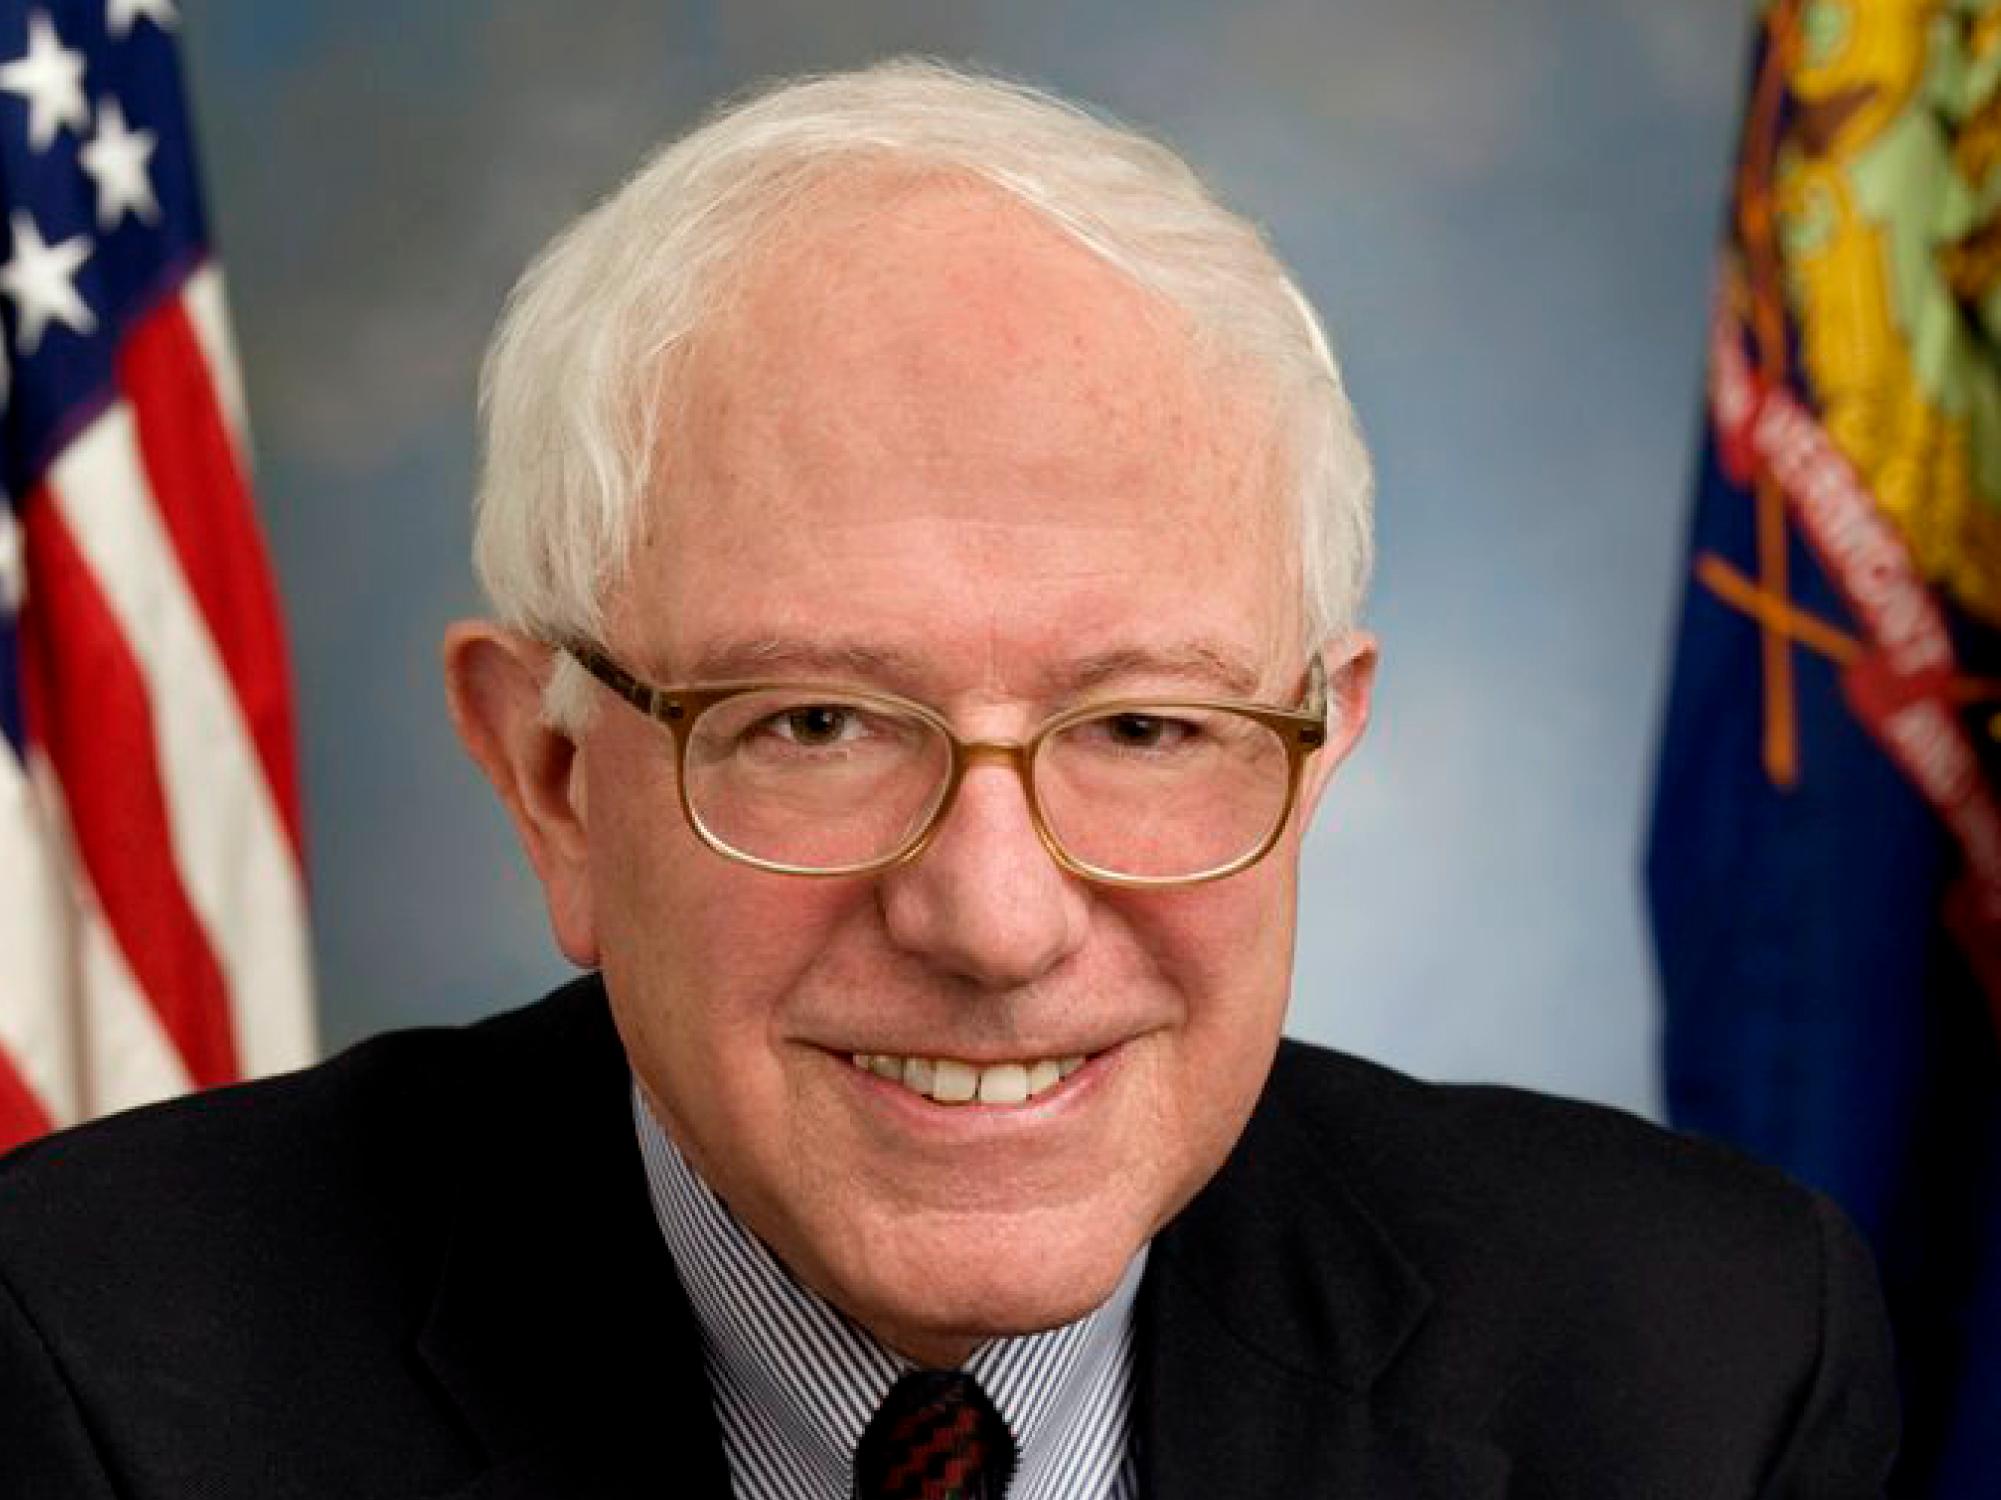 2020 Presidential Candidate Bernie Sanders